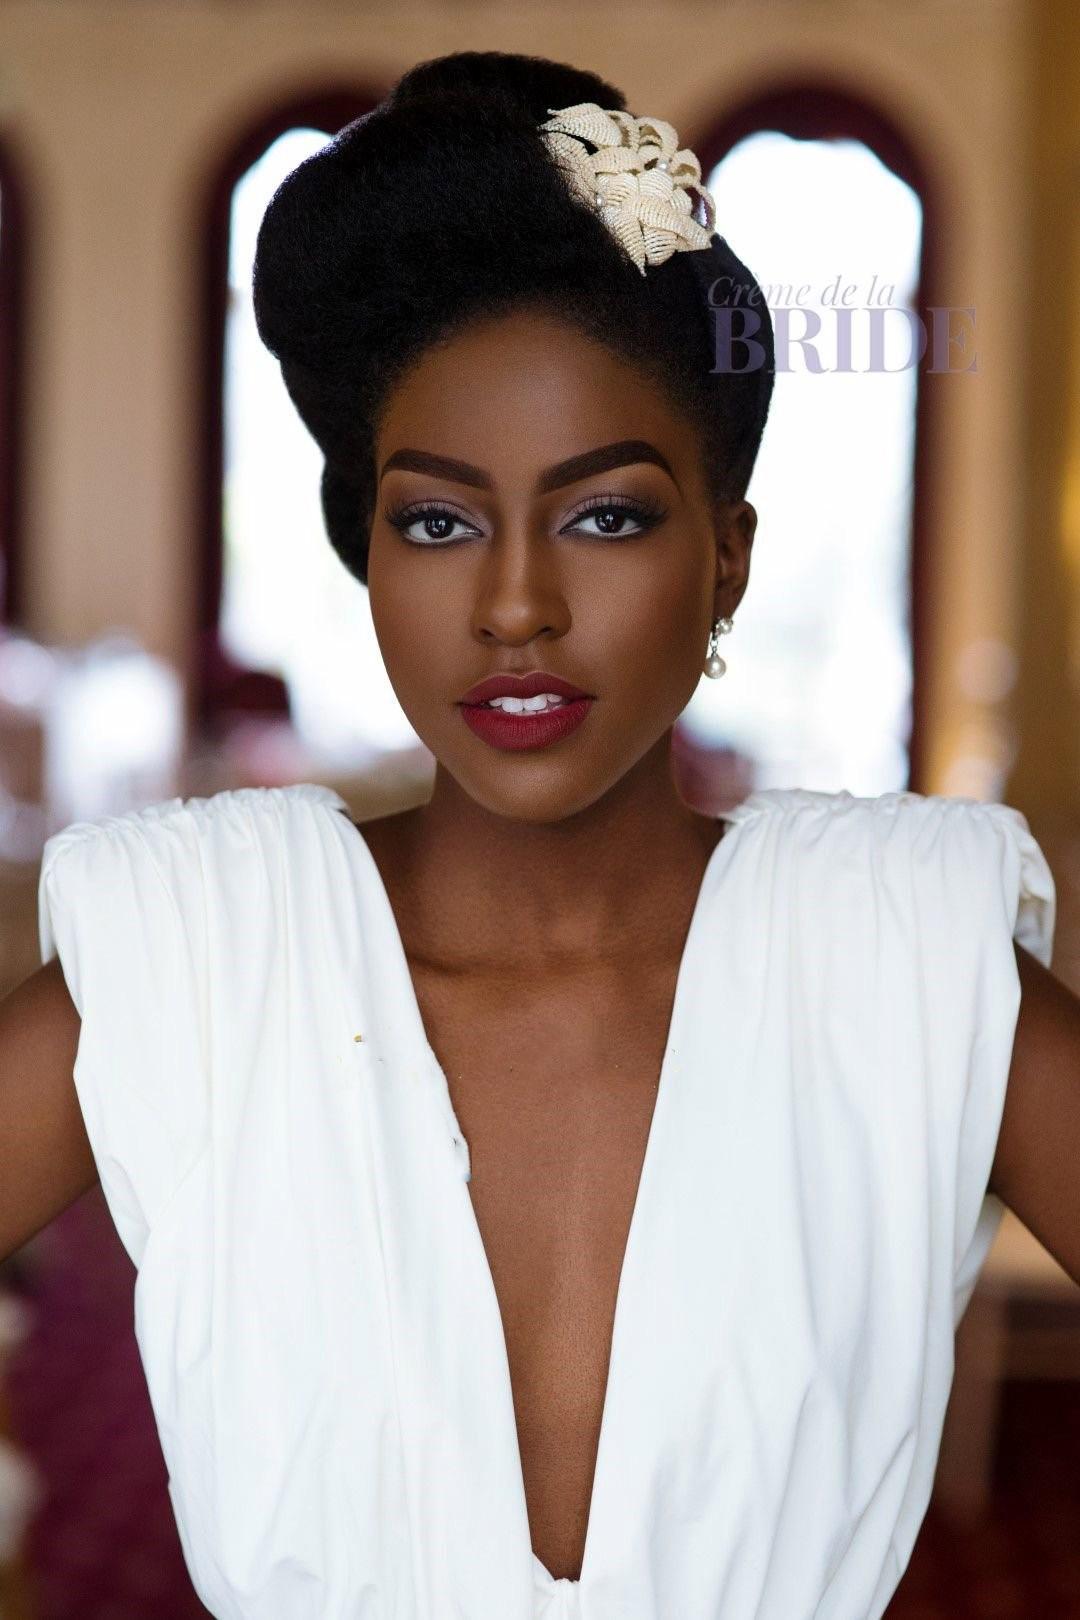 Coiffure Afro Pour Mariage pour femme noire et métisse – inspiration coiffure de mariage.